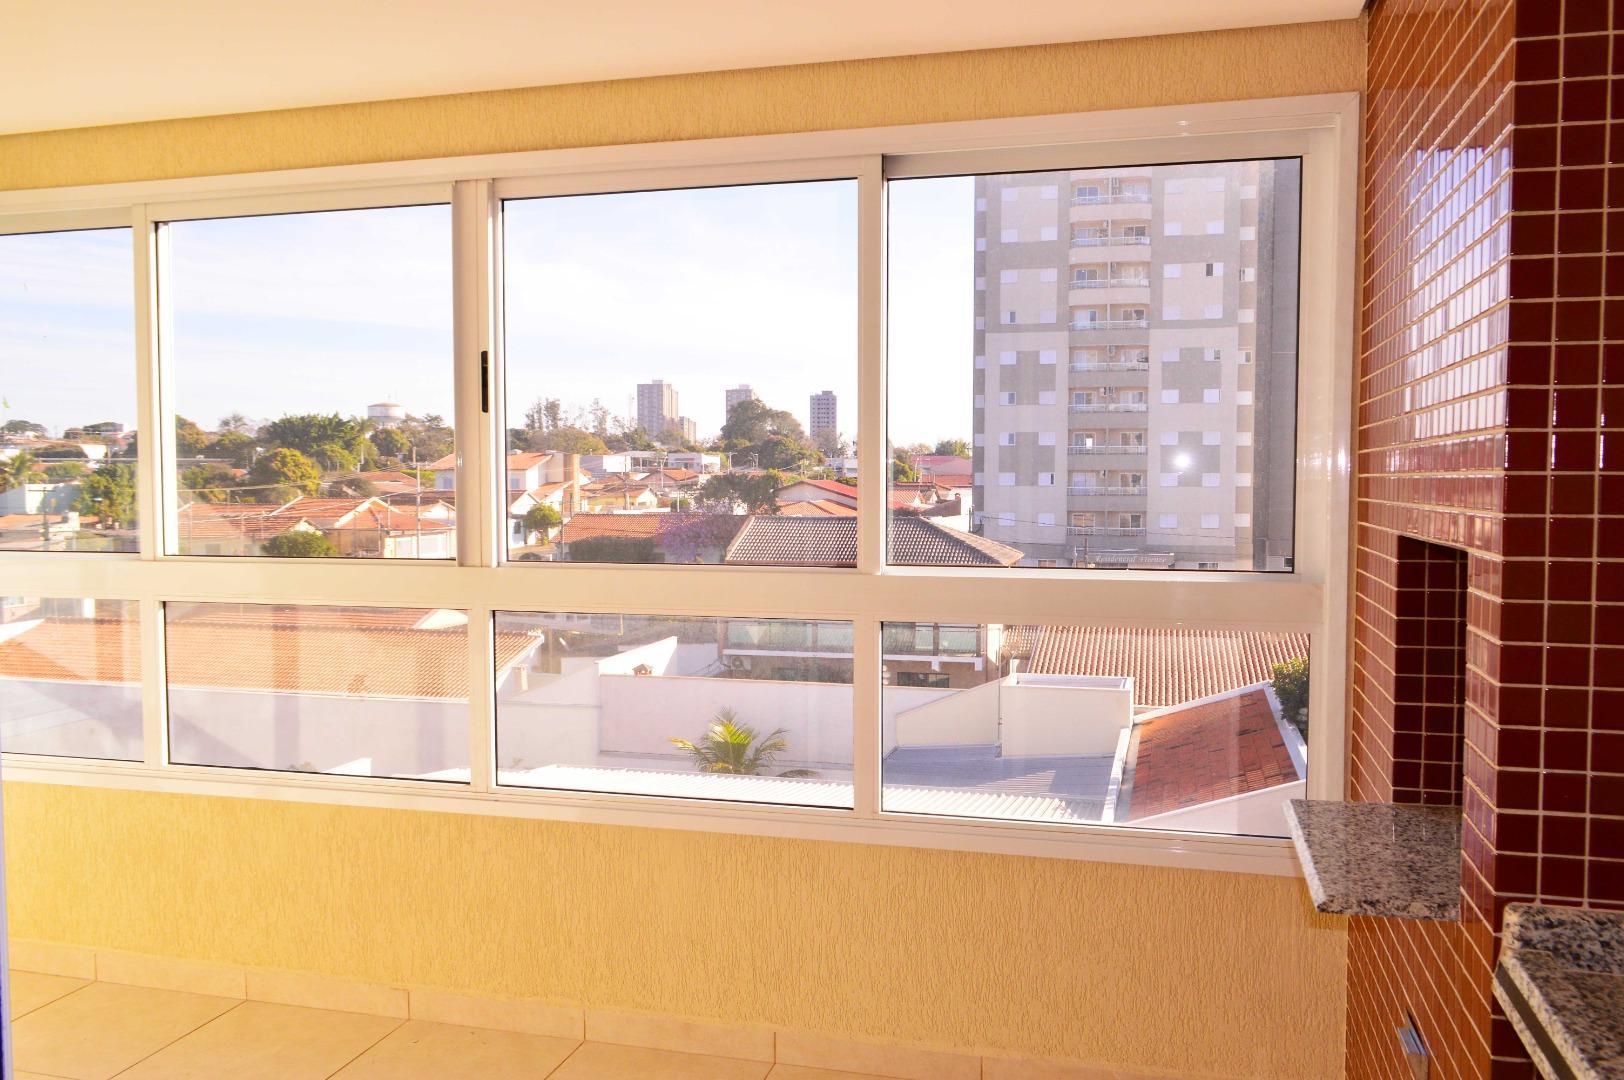 Apartamento com 3 dormitórios à venda, 154 m² por R$ 940.000 - Jardim Bela Vista - Nova Odessa/SP